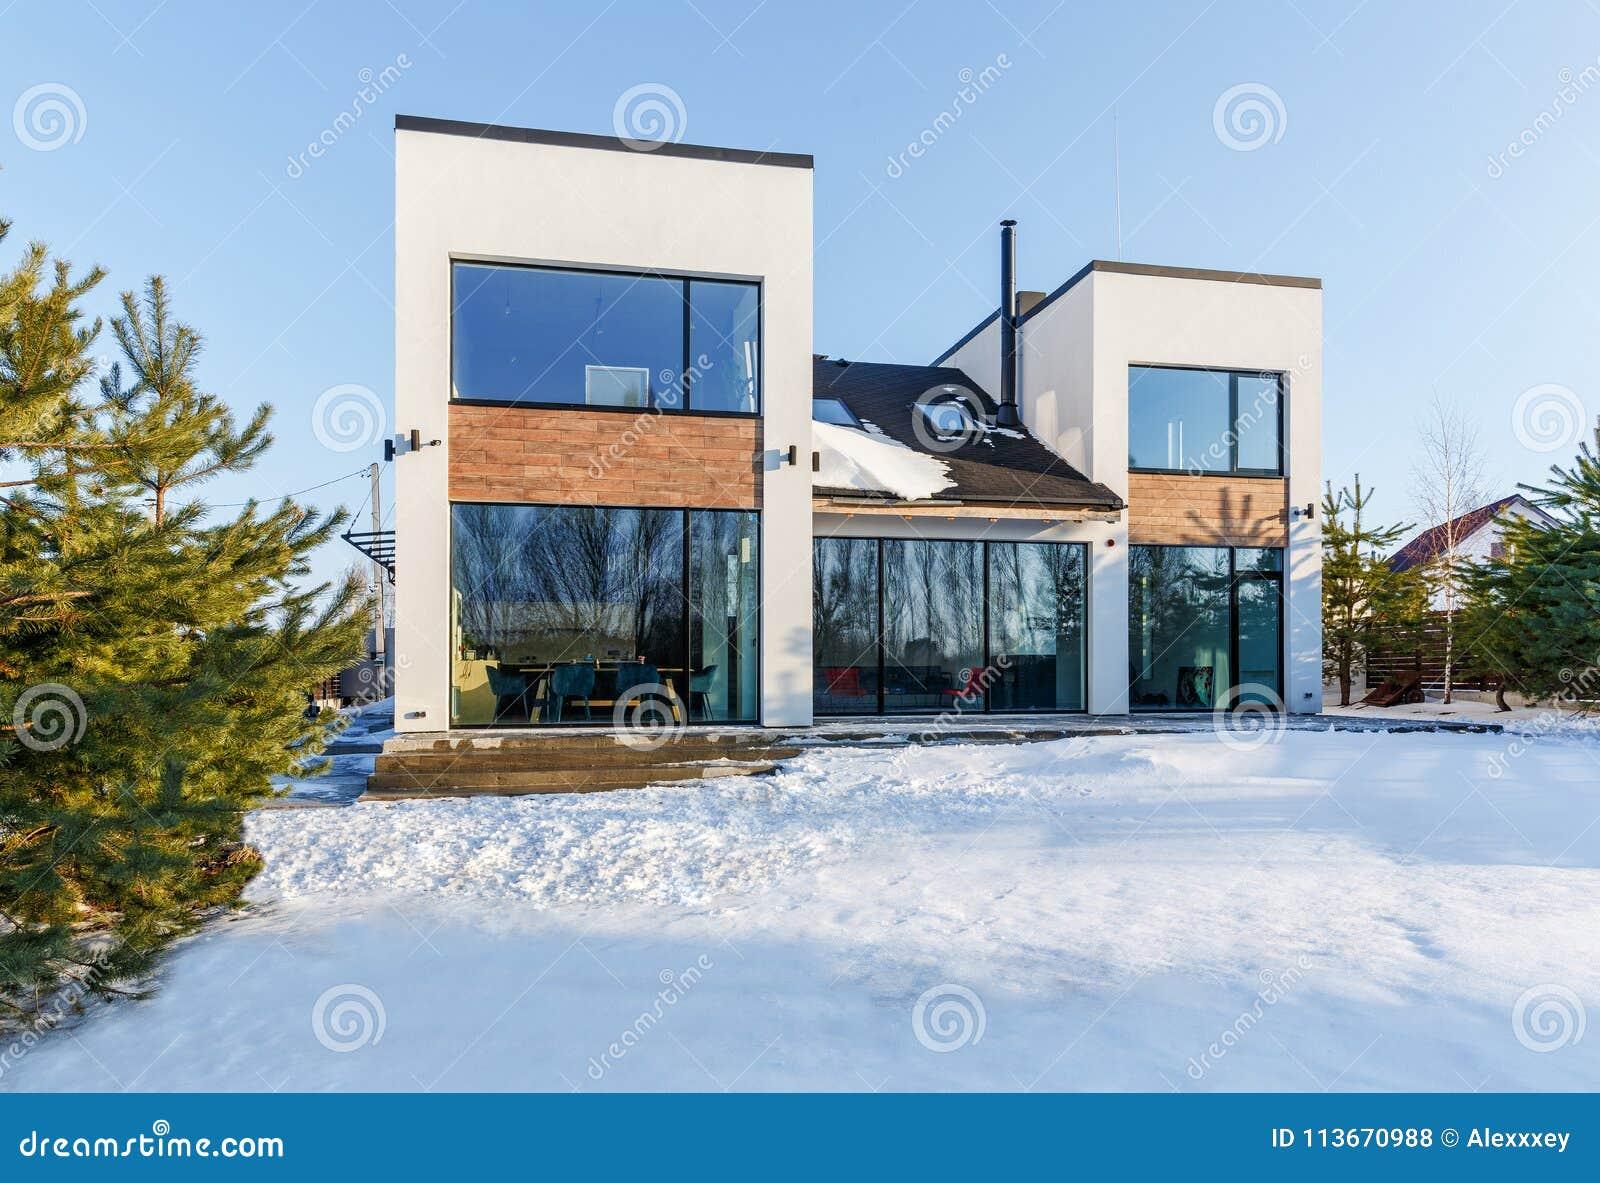 Une Maison Moderne Avec De Grandes Fenêtres Panoramiques à L ...